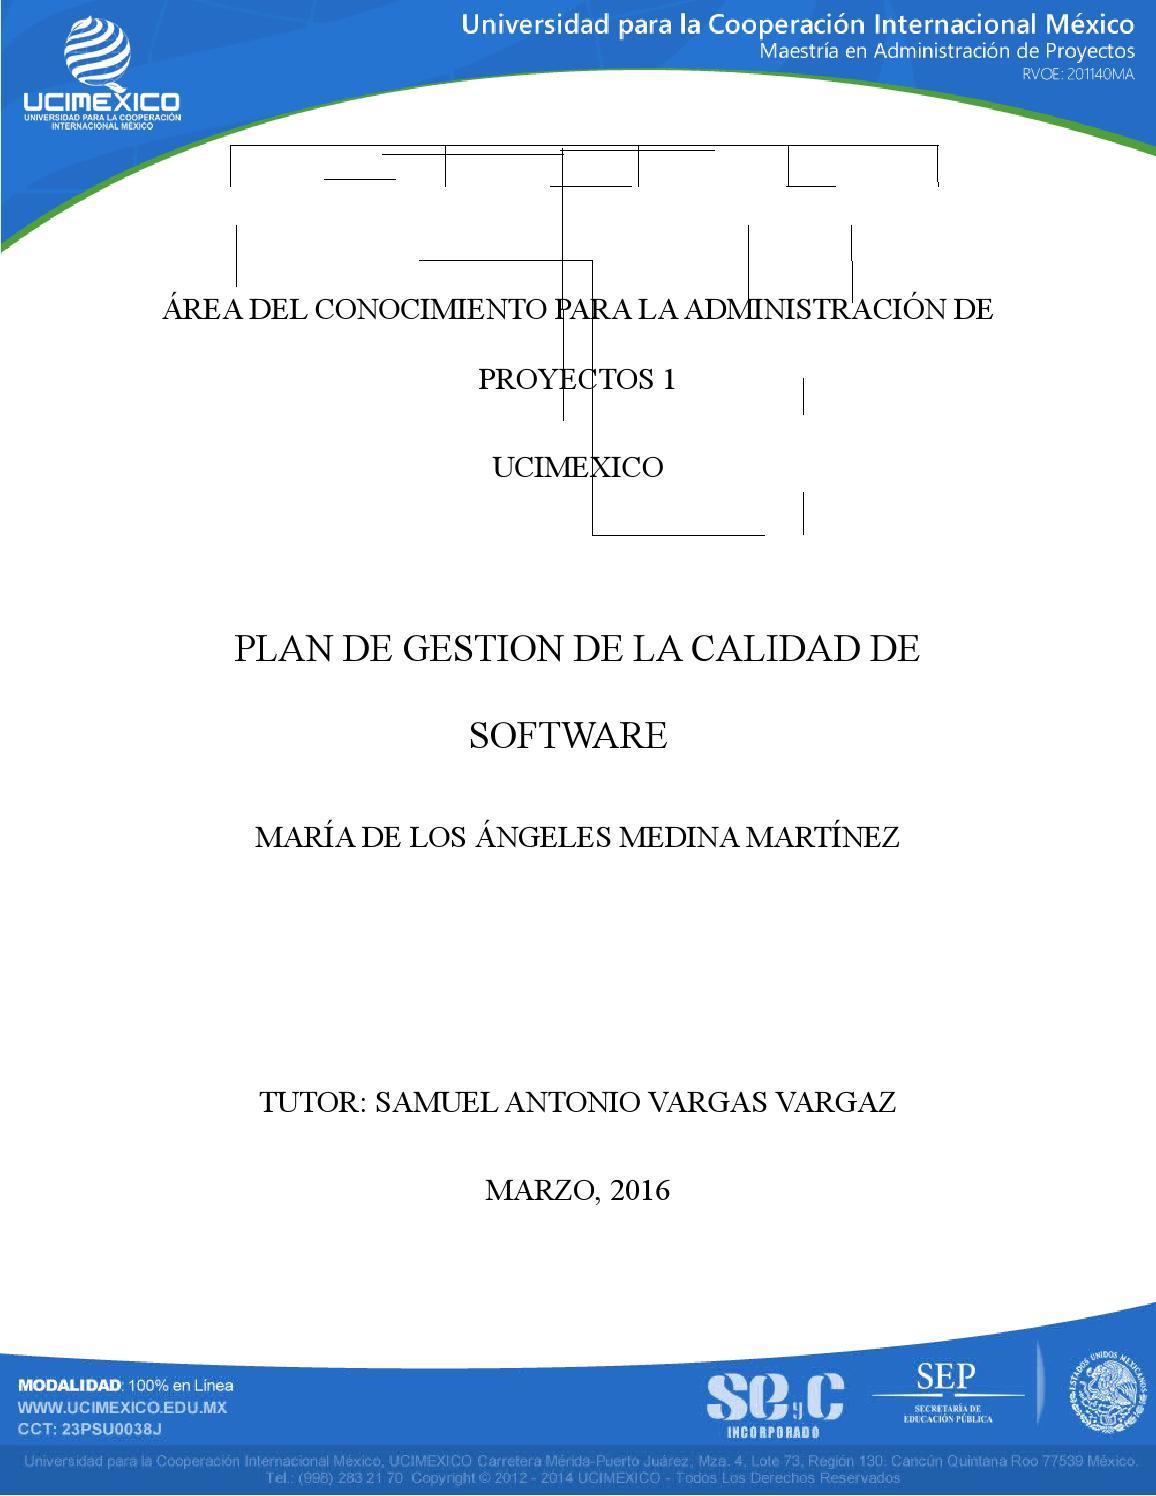 Plan de gestion de calidad de software by María de los Ángeles ...